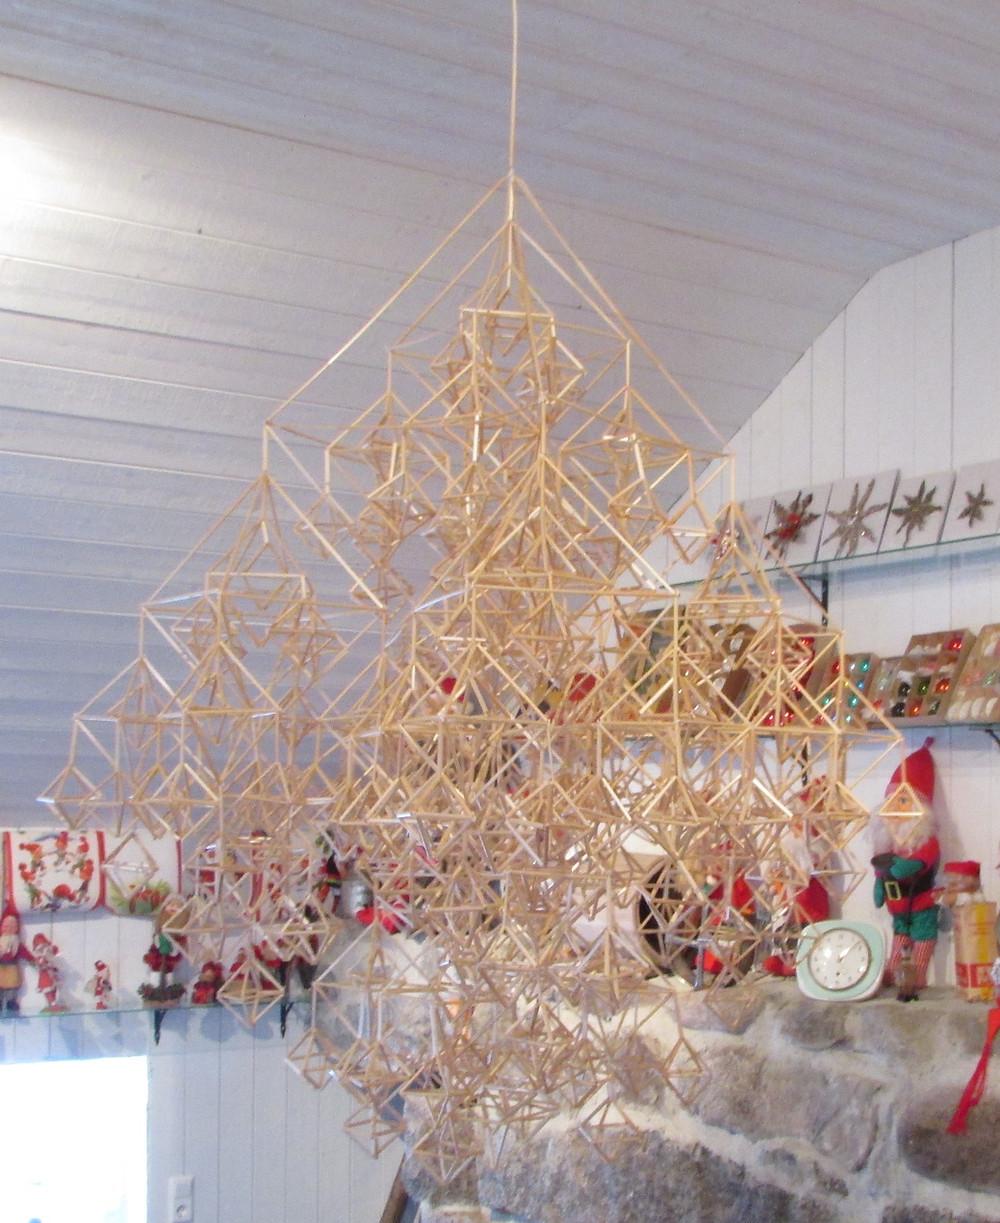 Himmeli, iso himmeli, vanha joulukoriste, perinnekoriste, vanhat joulukoristeet, perinnejoulu, kädentaidot,